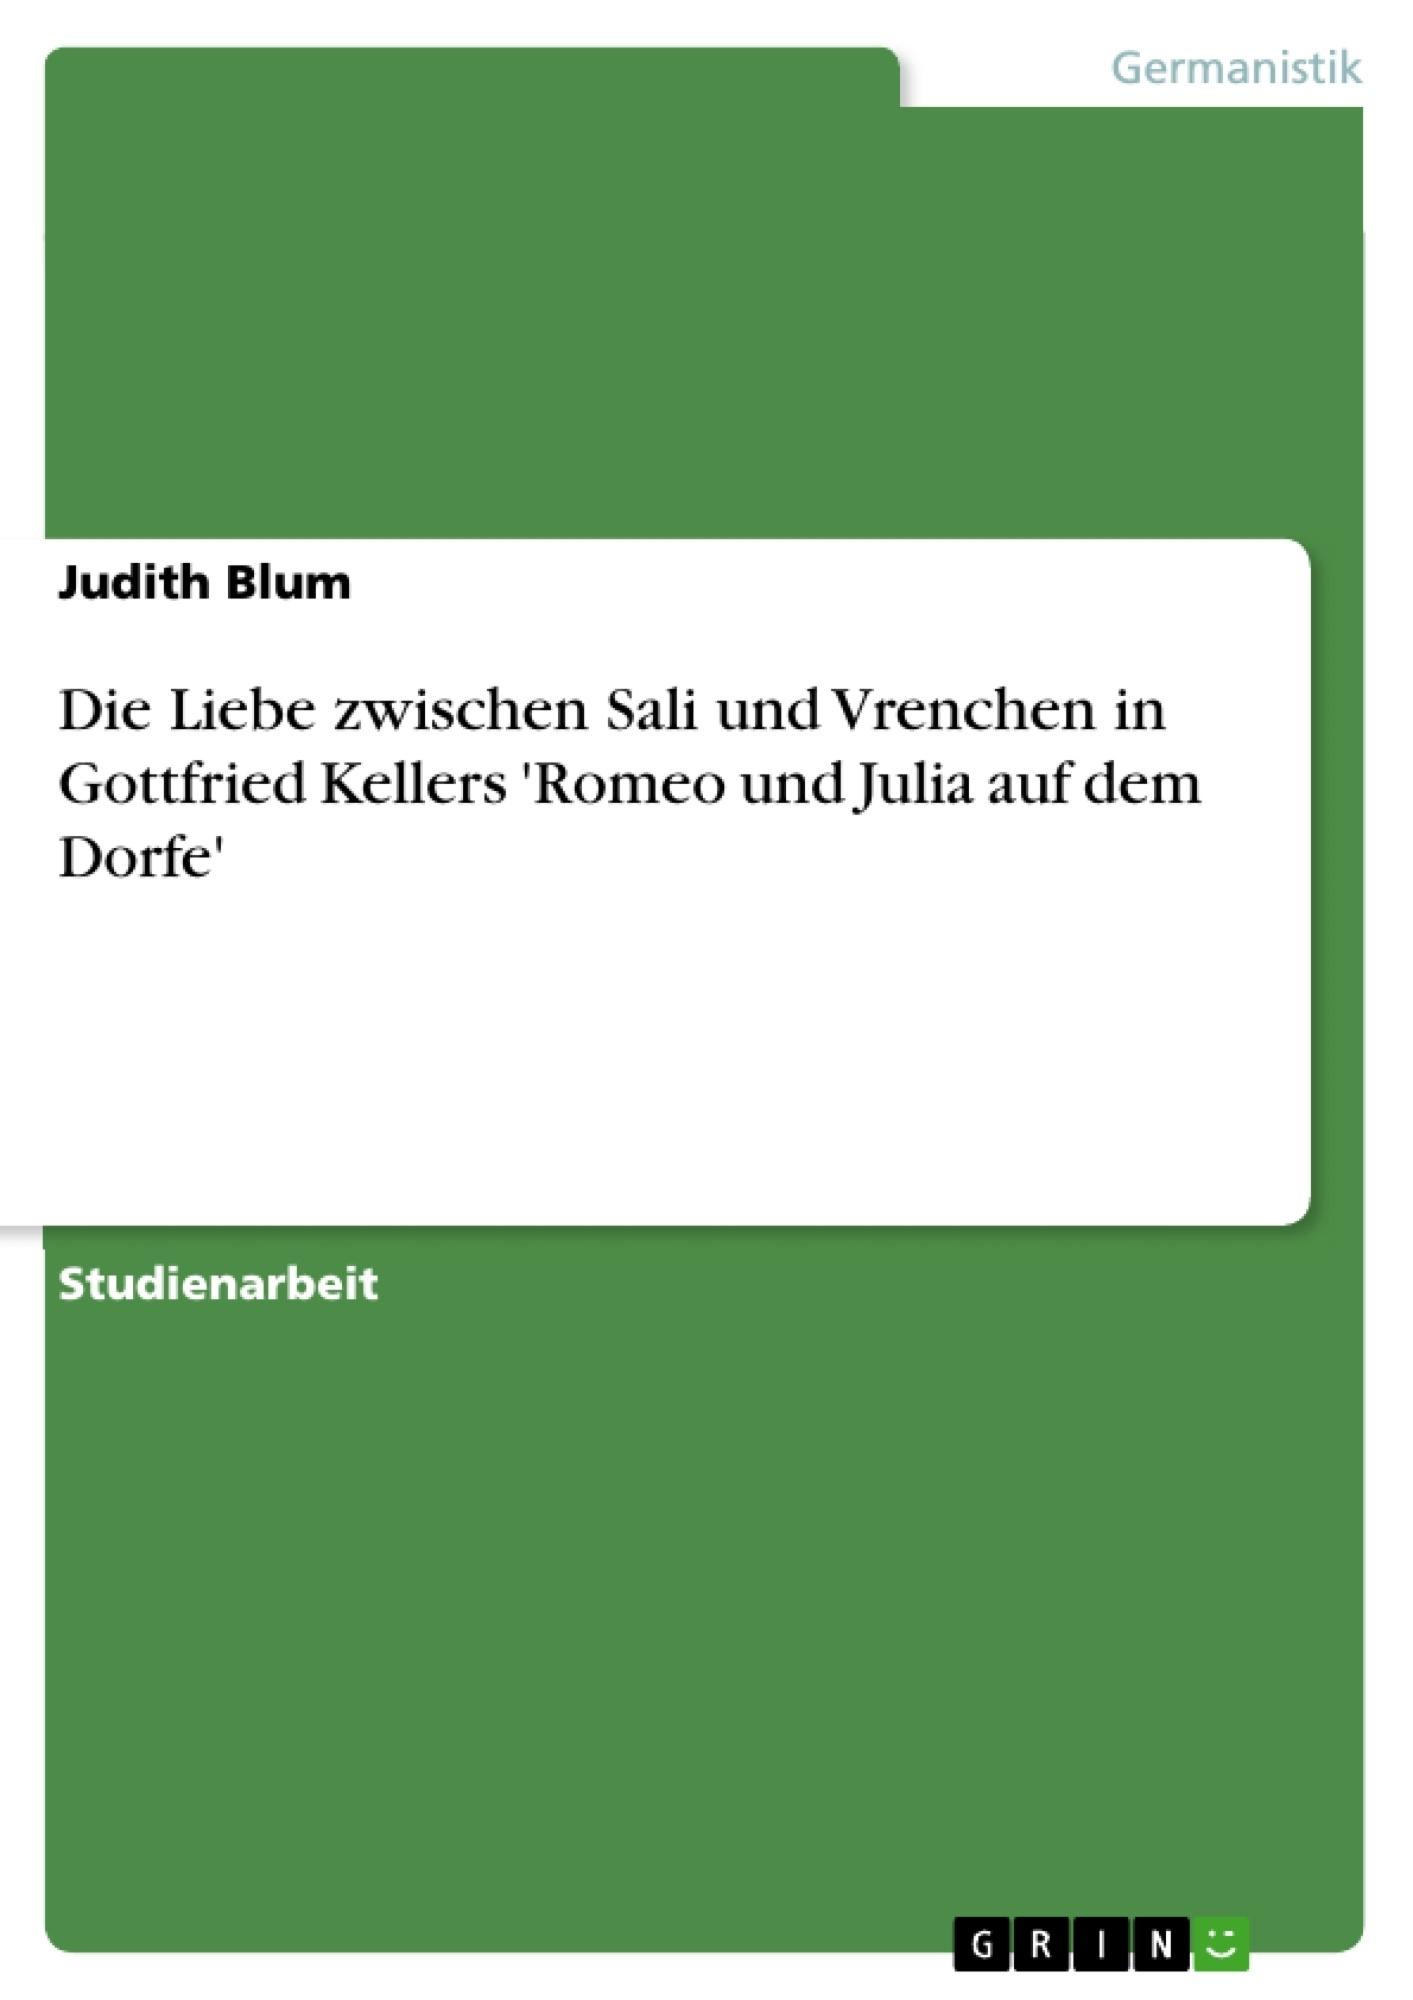 Titel: Die Liebe zwischen Sali und Vrenchen in Gottfried Kellers 'Romeo und Julia auf dem Dorfe'